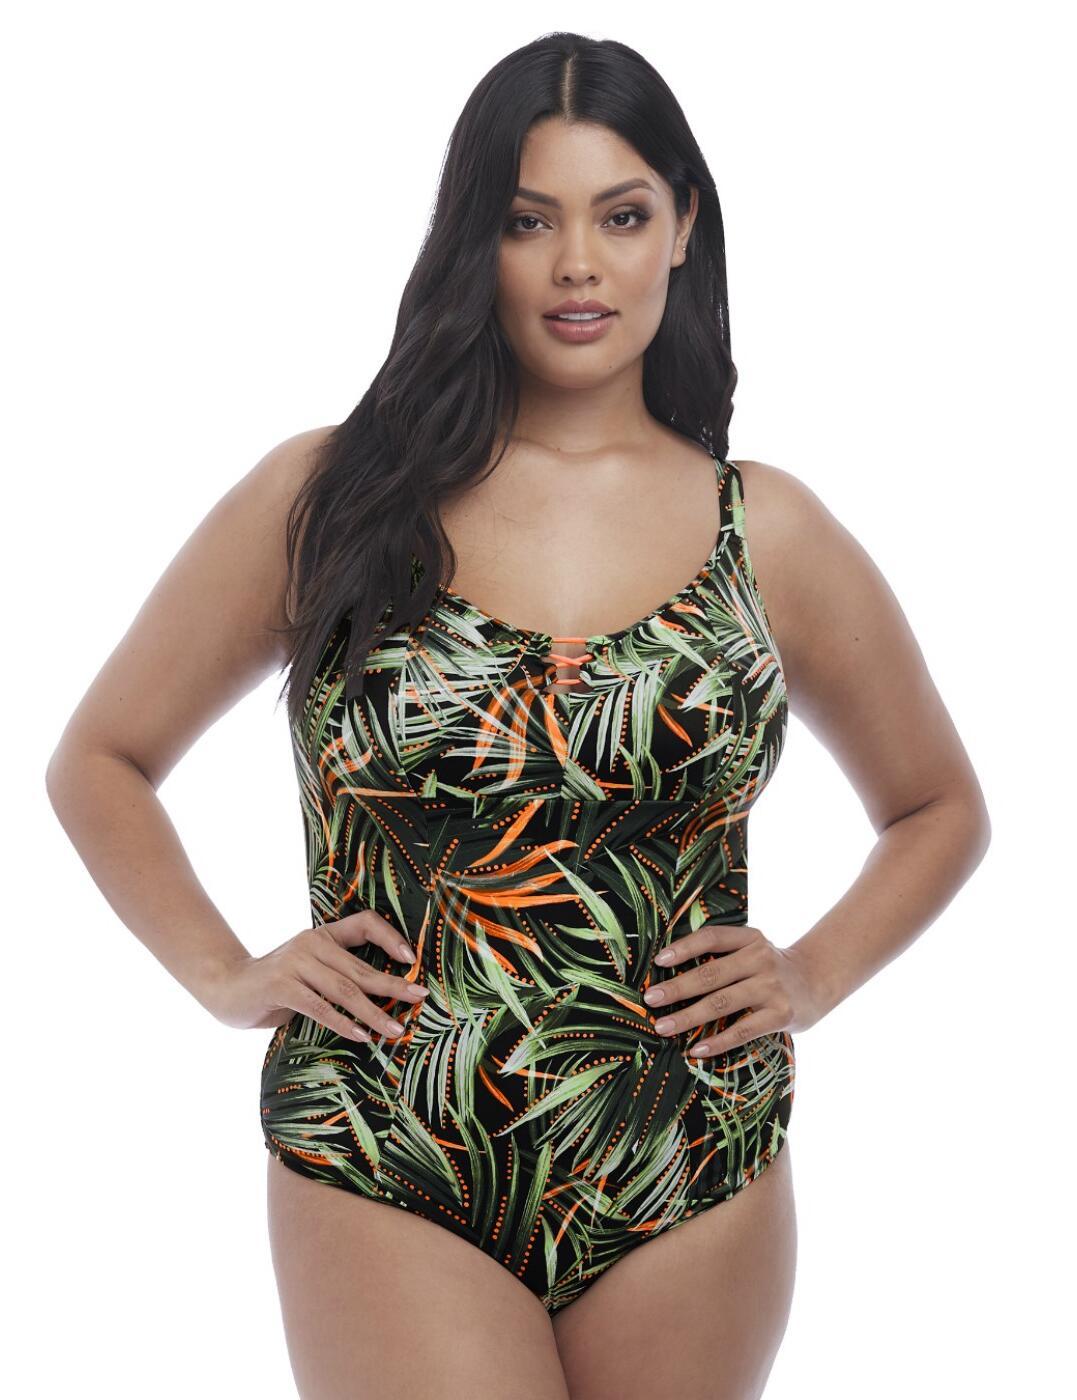 7160 Elomi Amazonia Moulded Swimsuit - 7160 Khaki